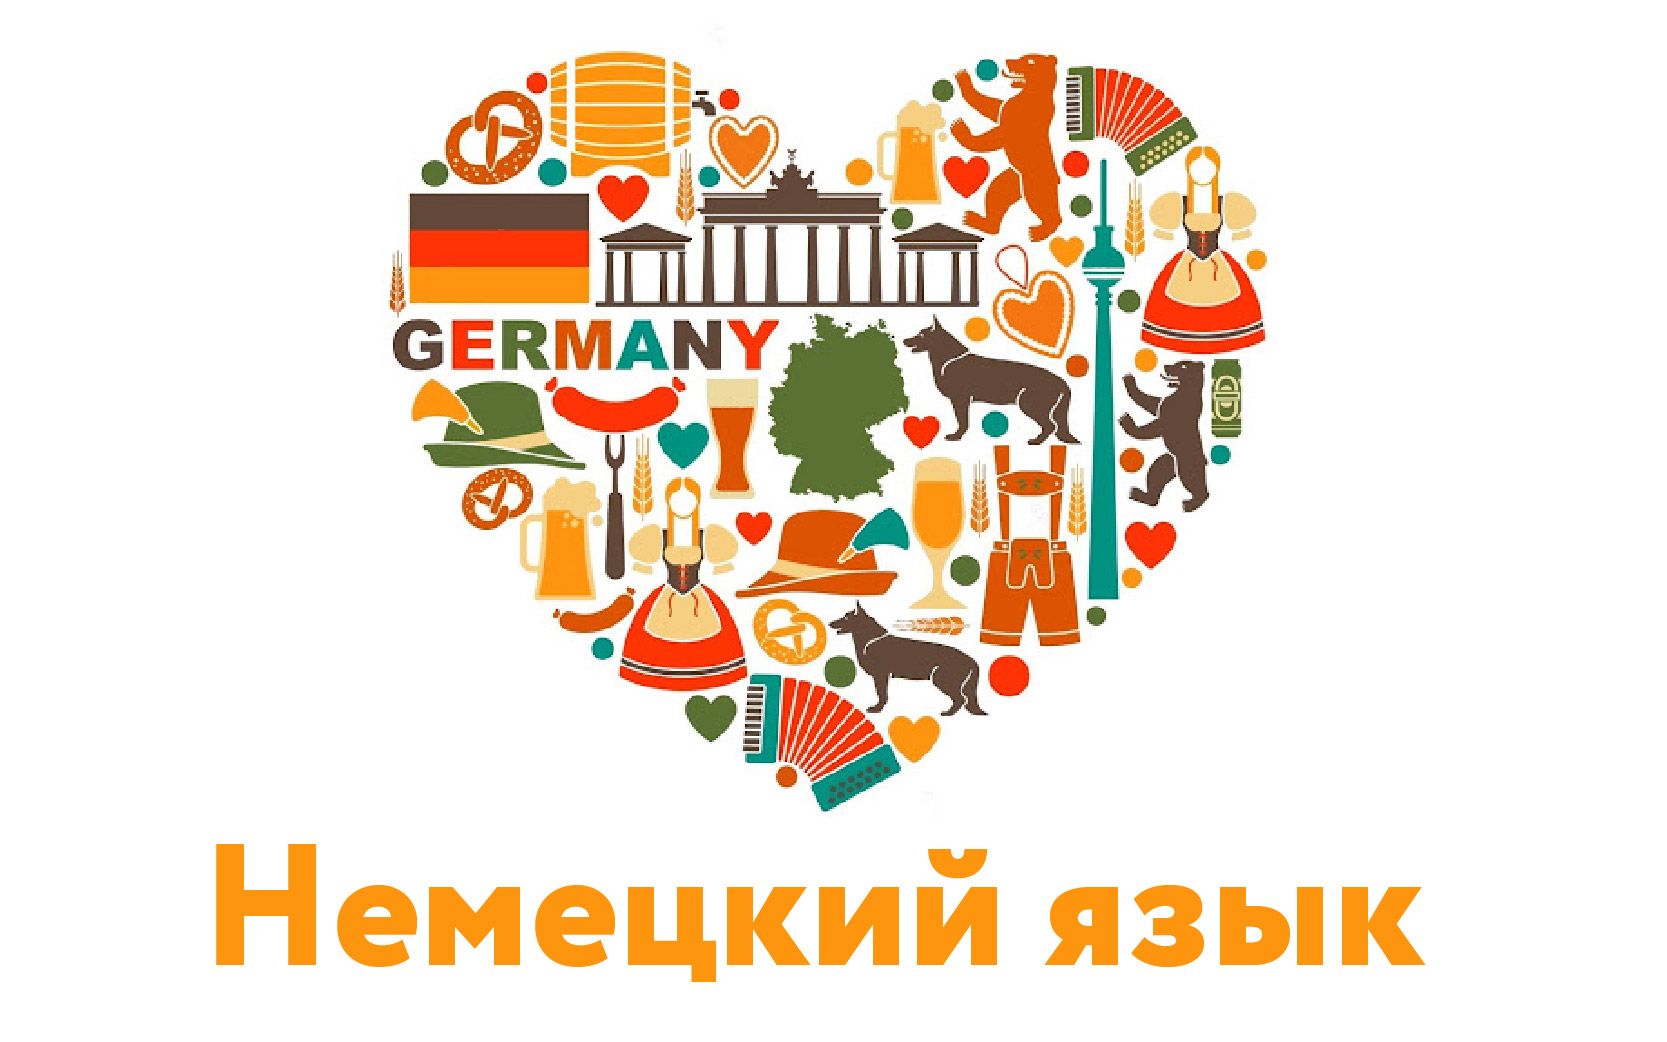 Немецкий язык (Начинающие)